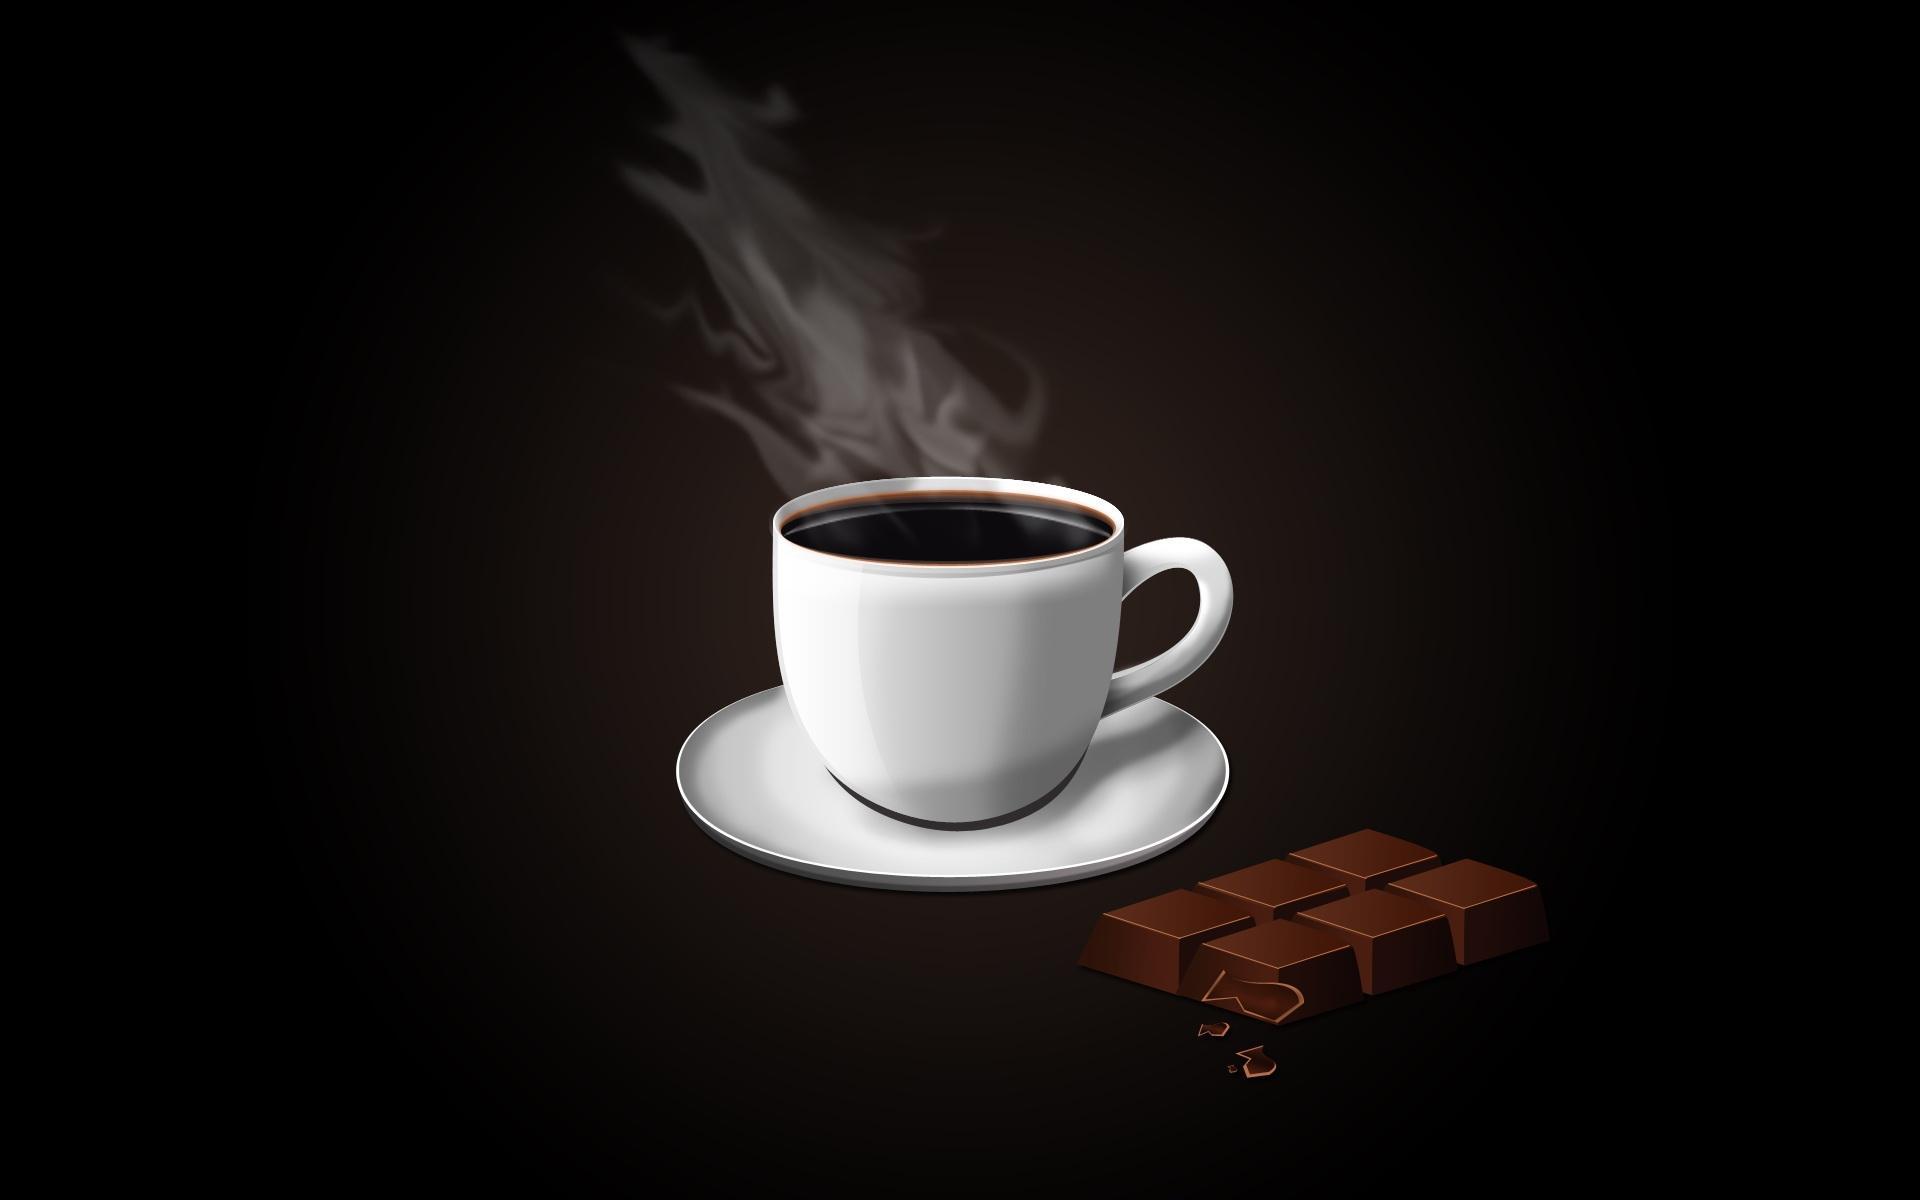 кофе обои: